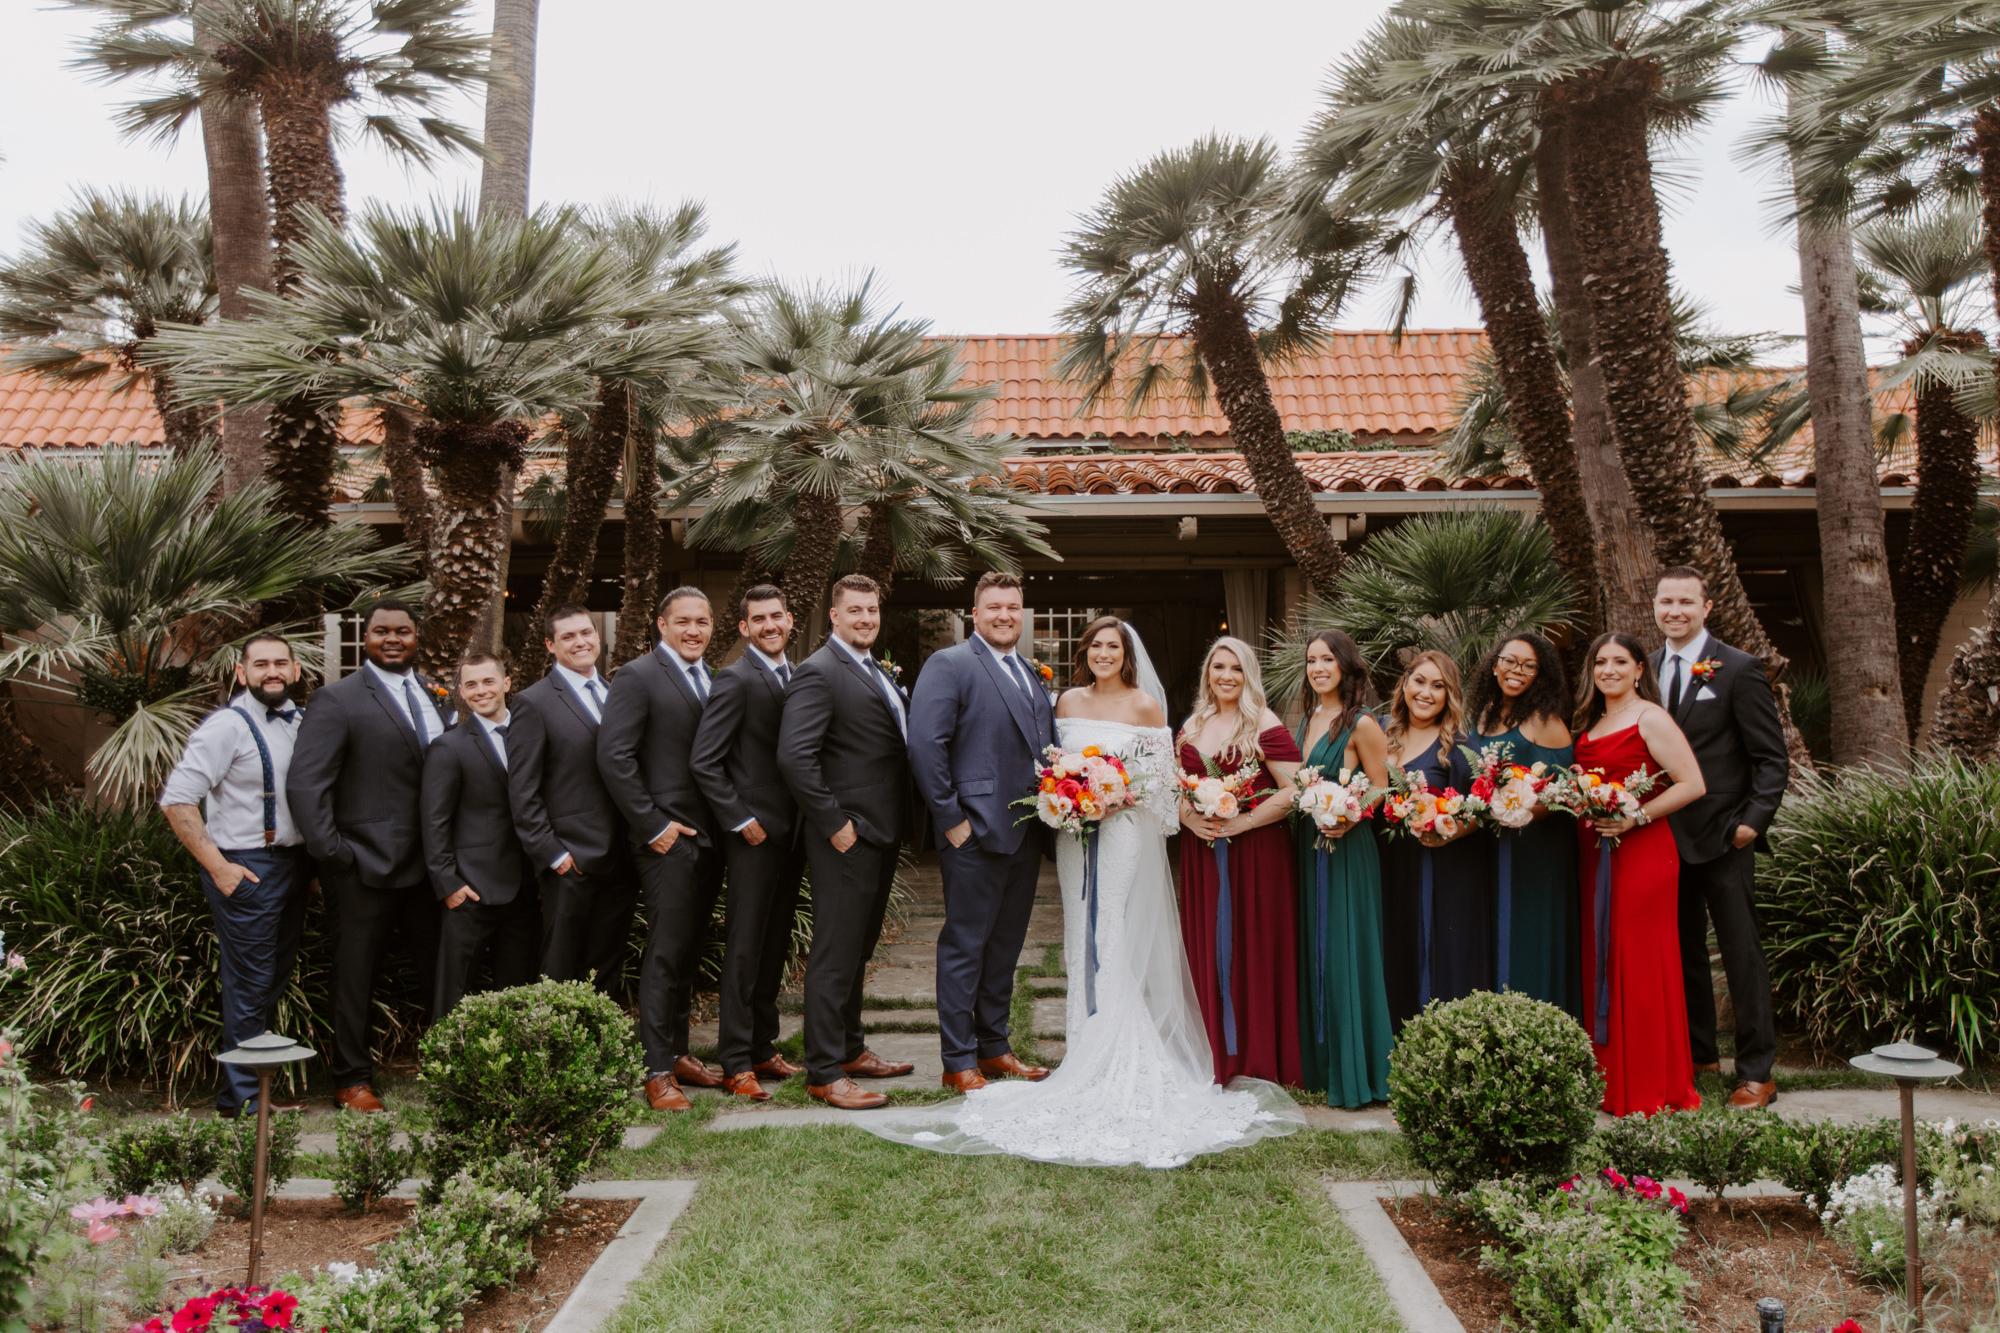 Rancho bernardo Inn san deigo wedding photography0041.jpg